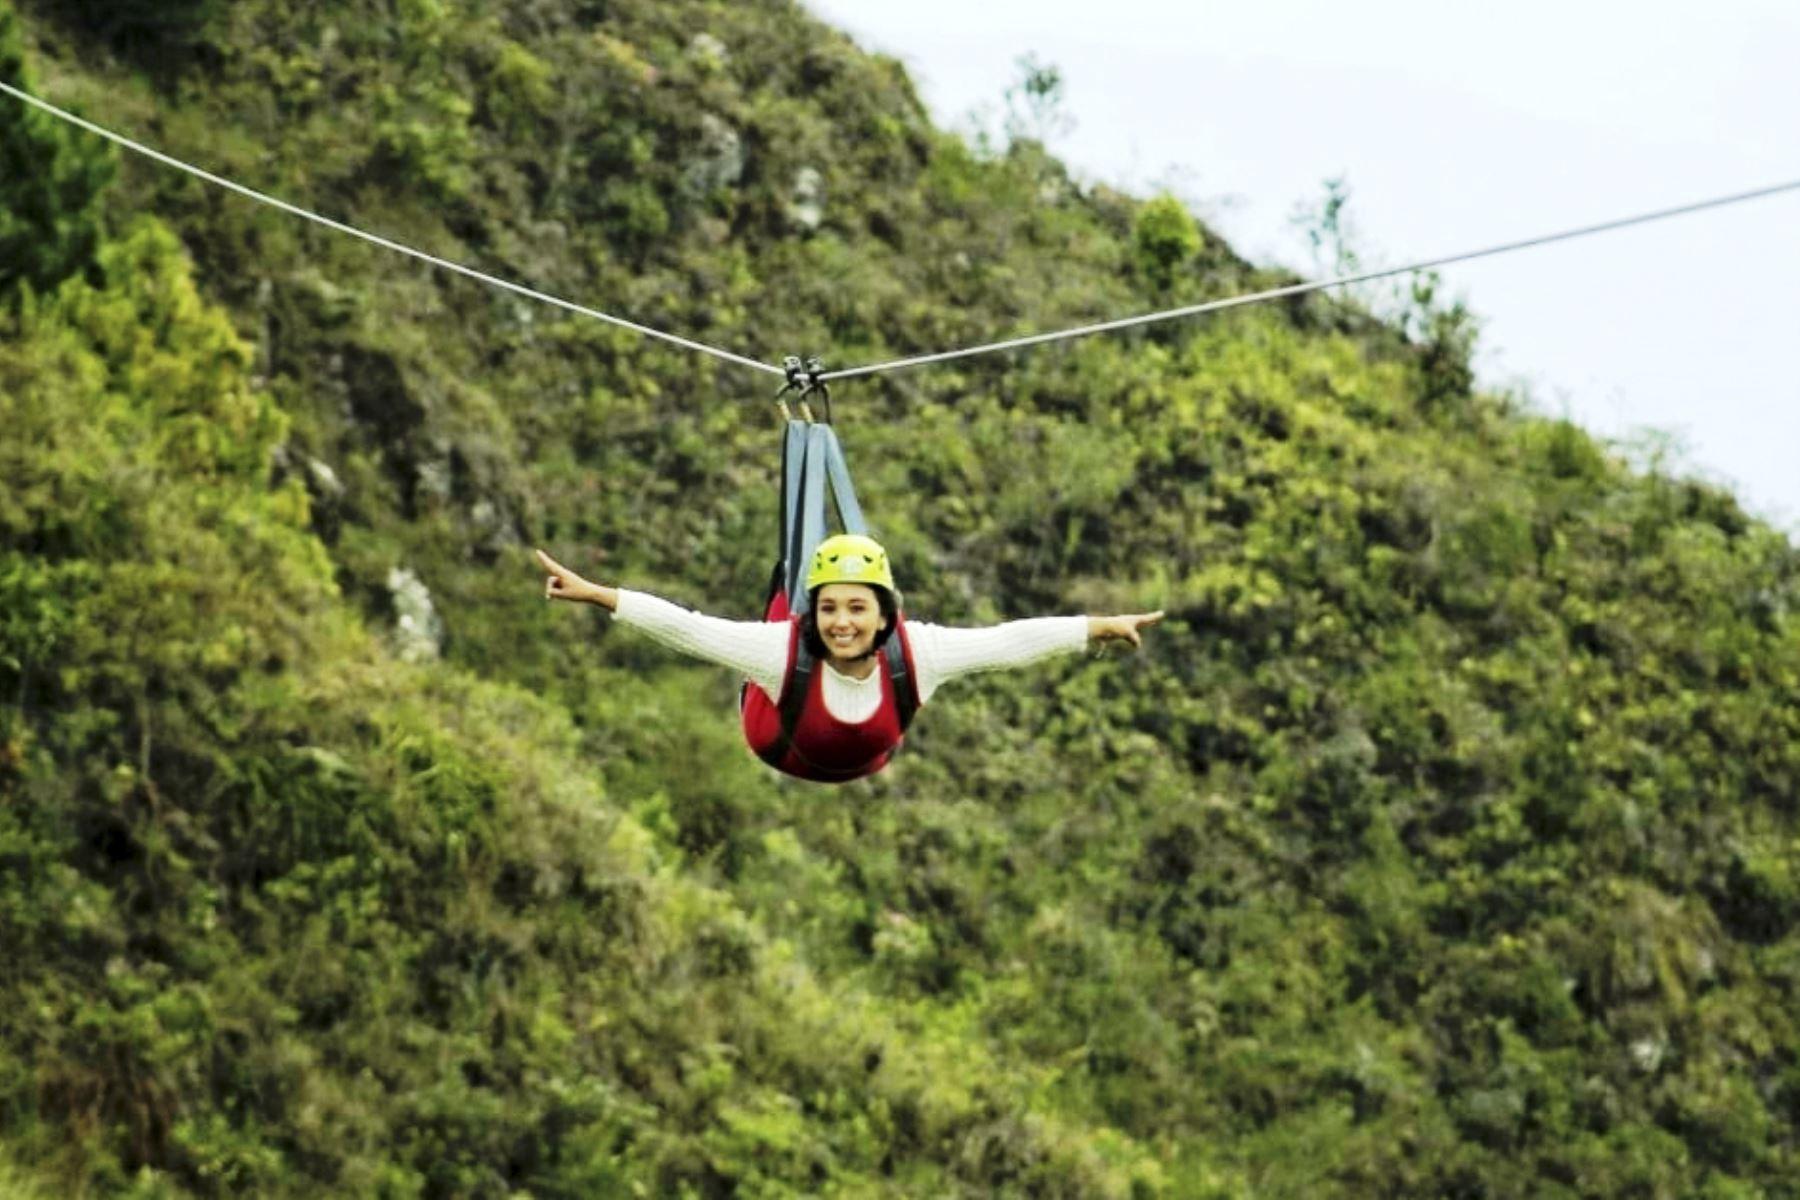 Como parte de la fase 4 de la reactivación económica, la provincia de San Ignacio (Cajamarca) reanudó el servicio de turismo de aventura. Foto: ANDINA/Difusión